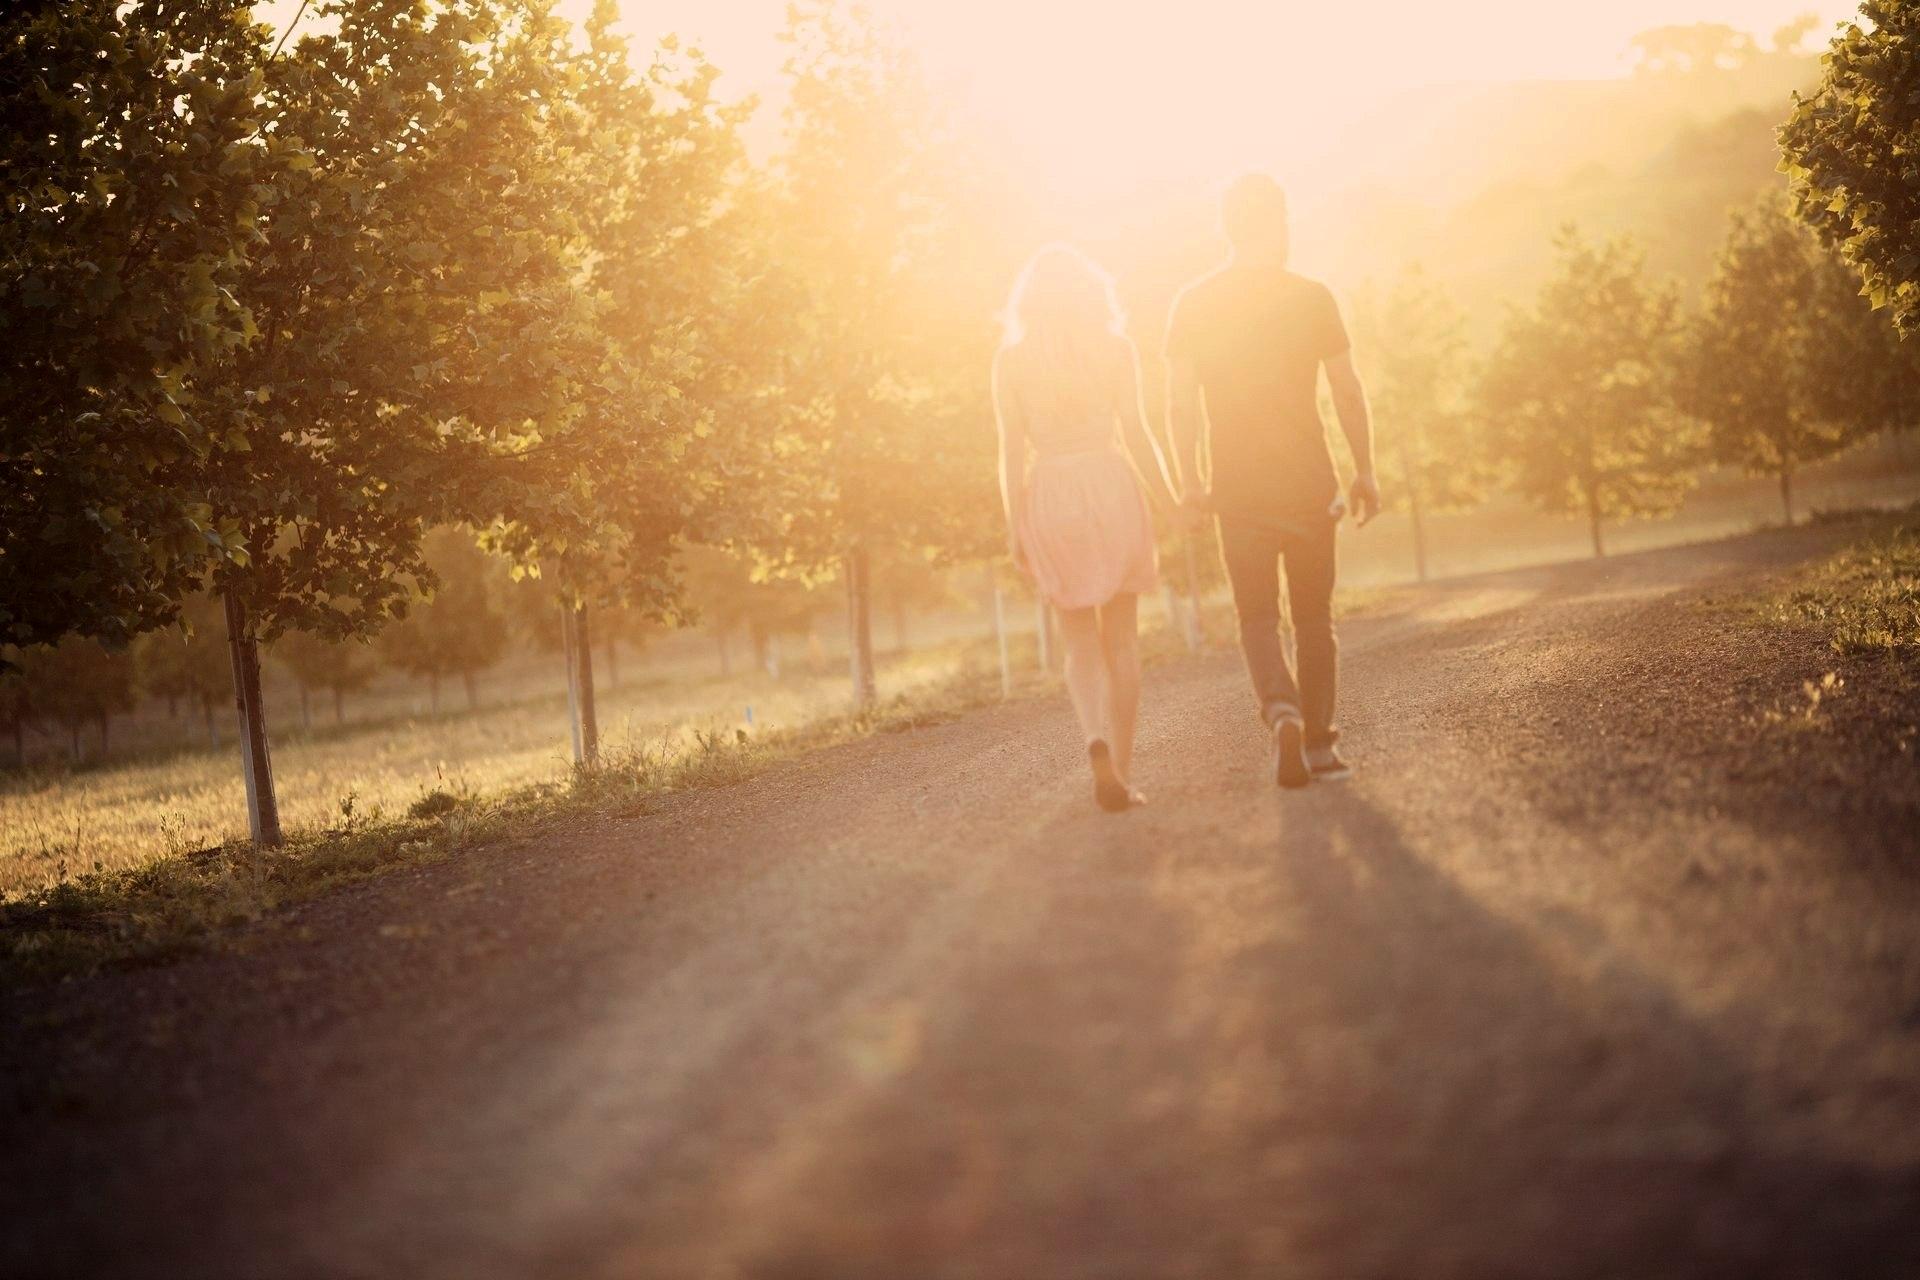 картинка двое идут по дороге со спины хорошую ухоженную